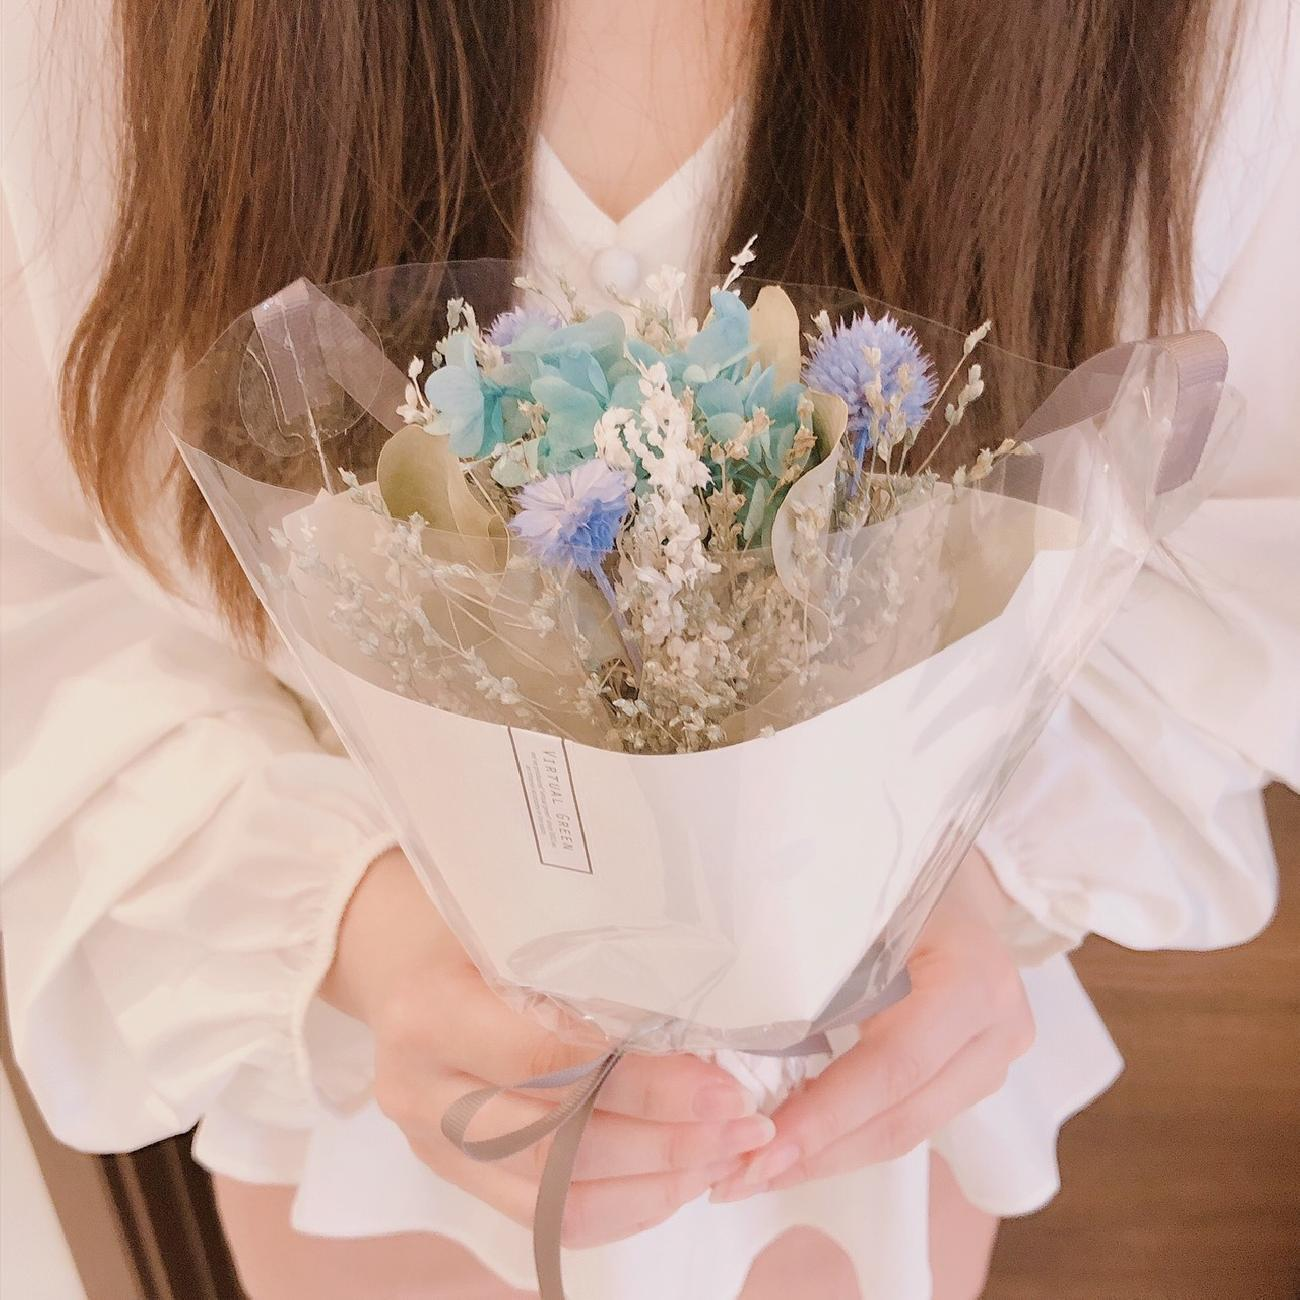 ドライフラワーブーケ/春のインテリア/ブーケアレンジ/ギフト/春の贈り物/インテリア